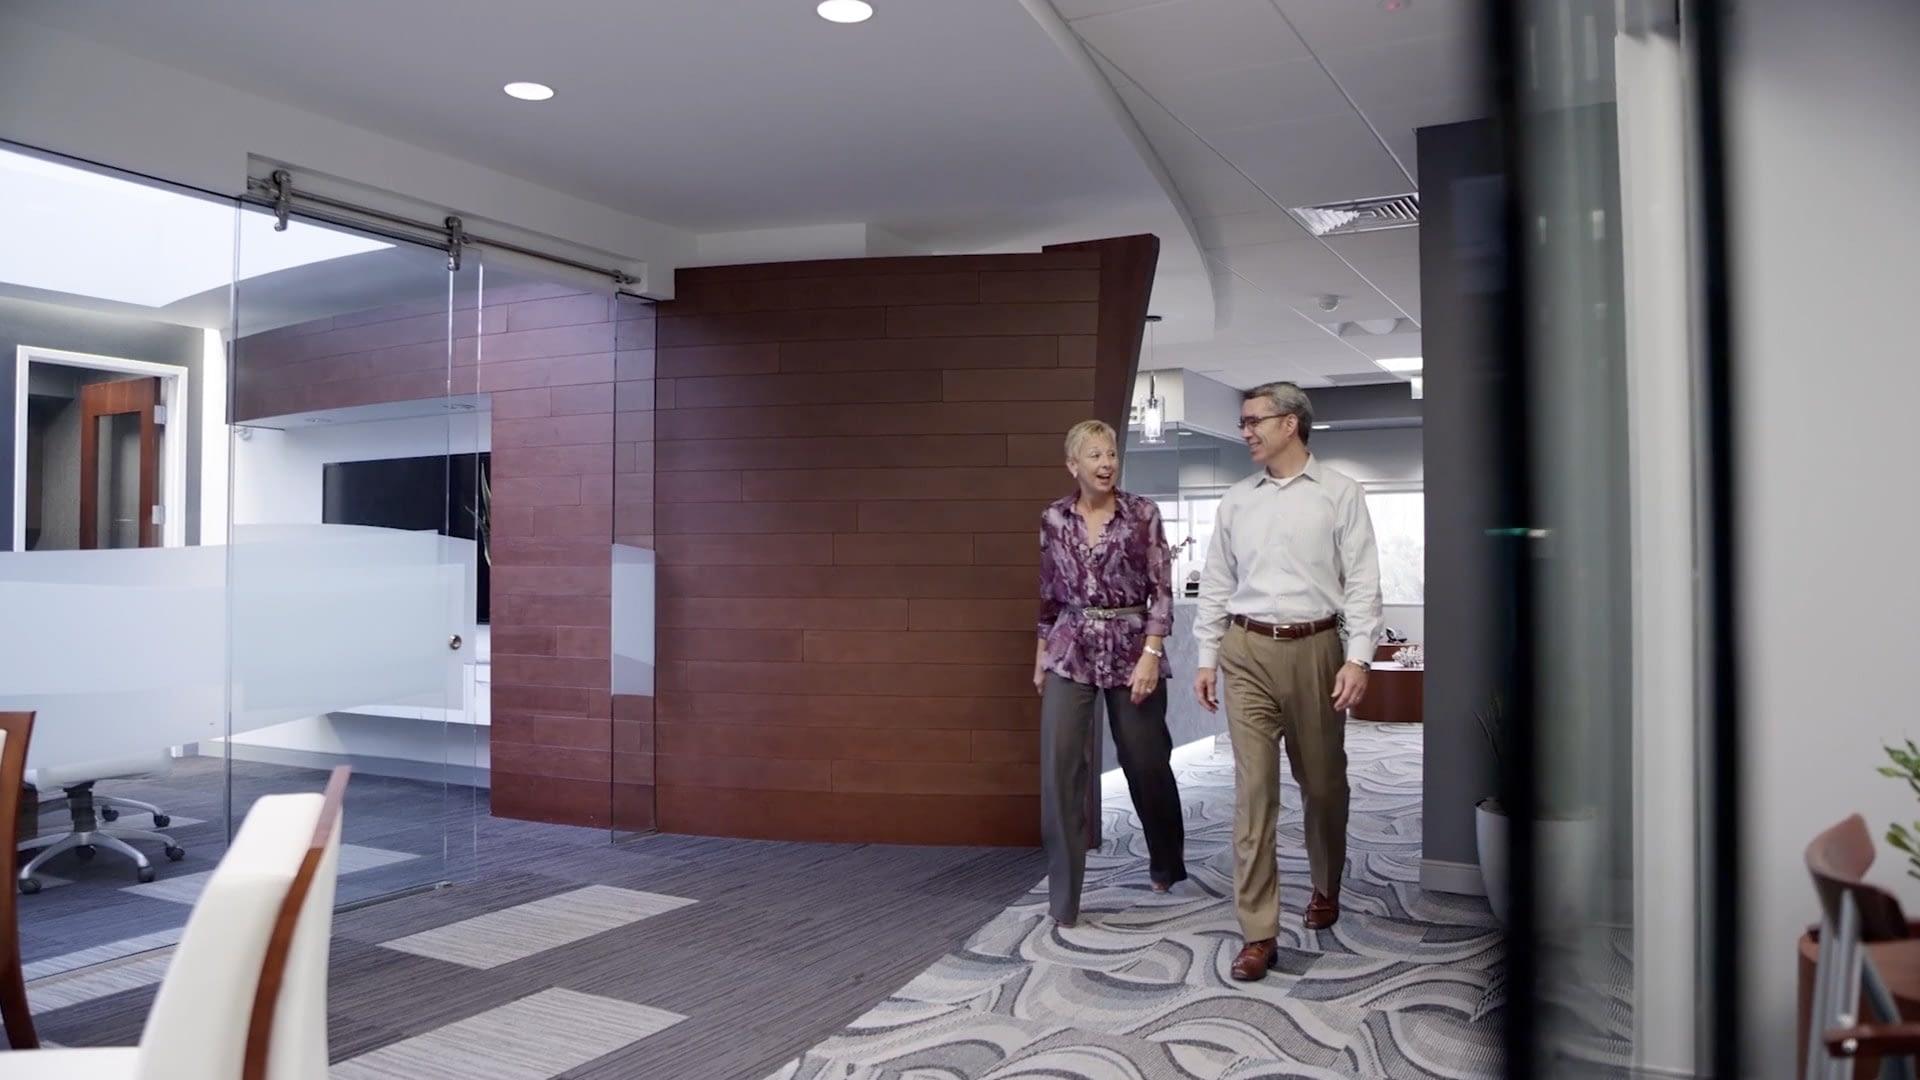 Two people walk down corridor